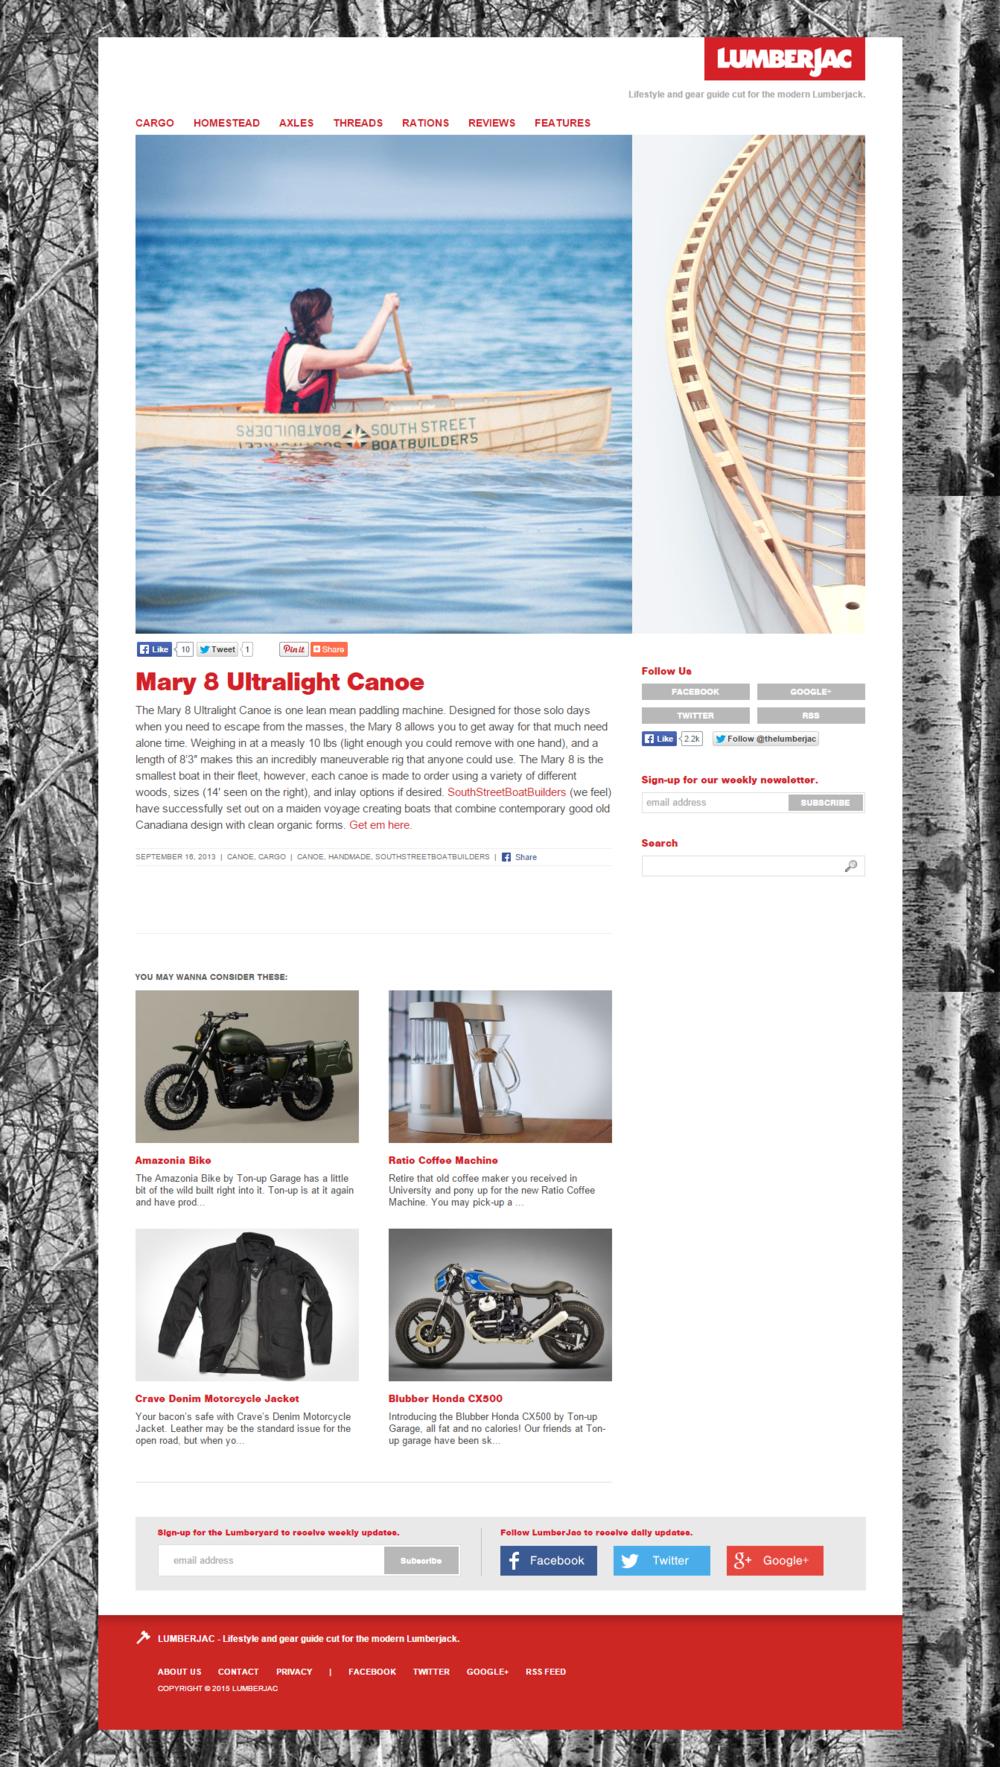 LumberJac.com